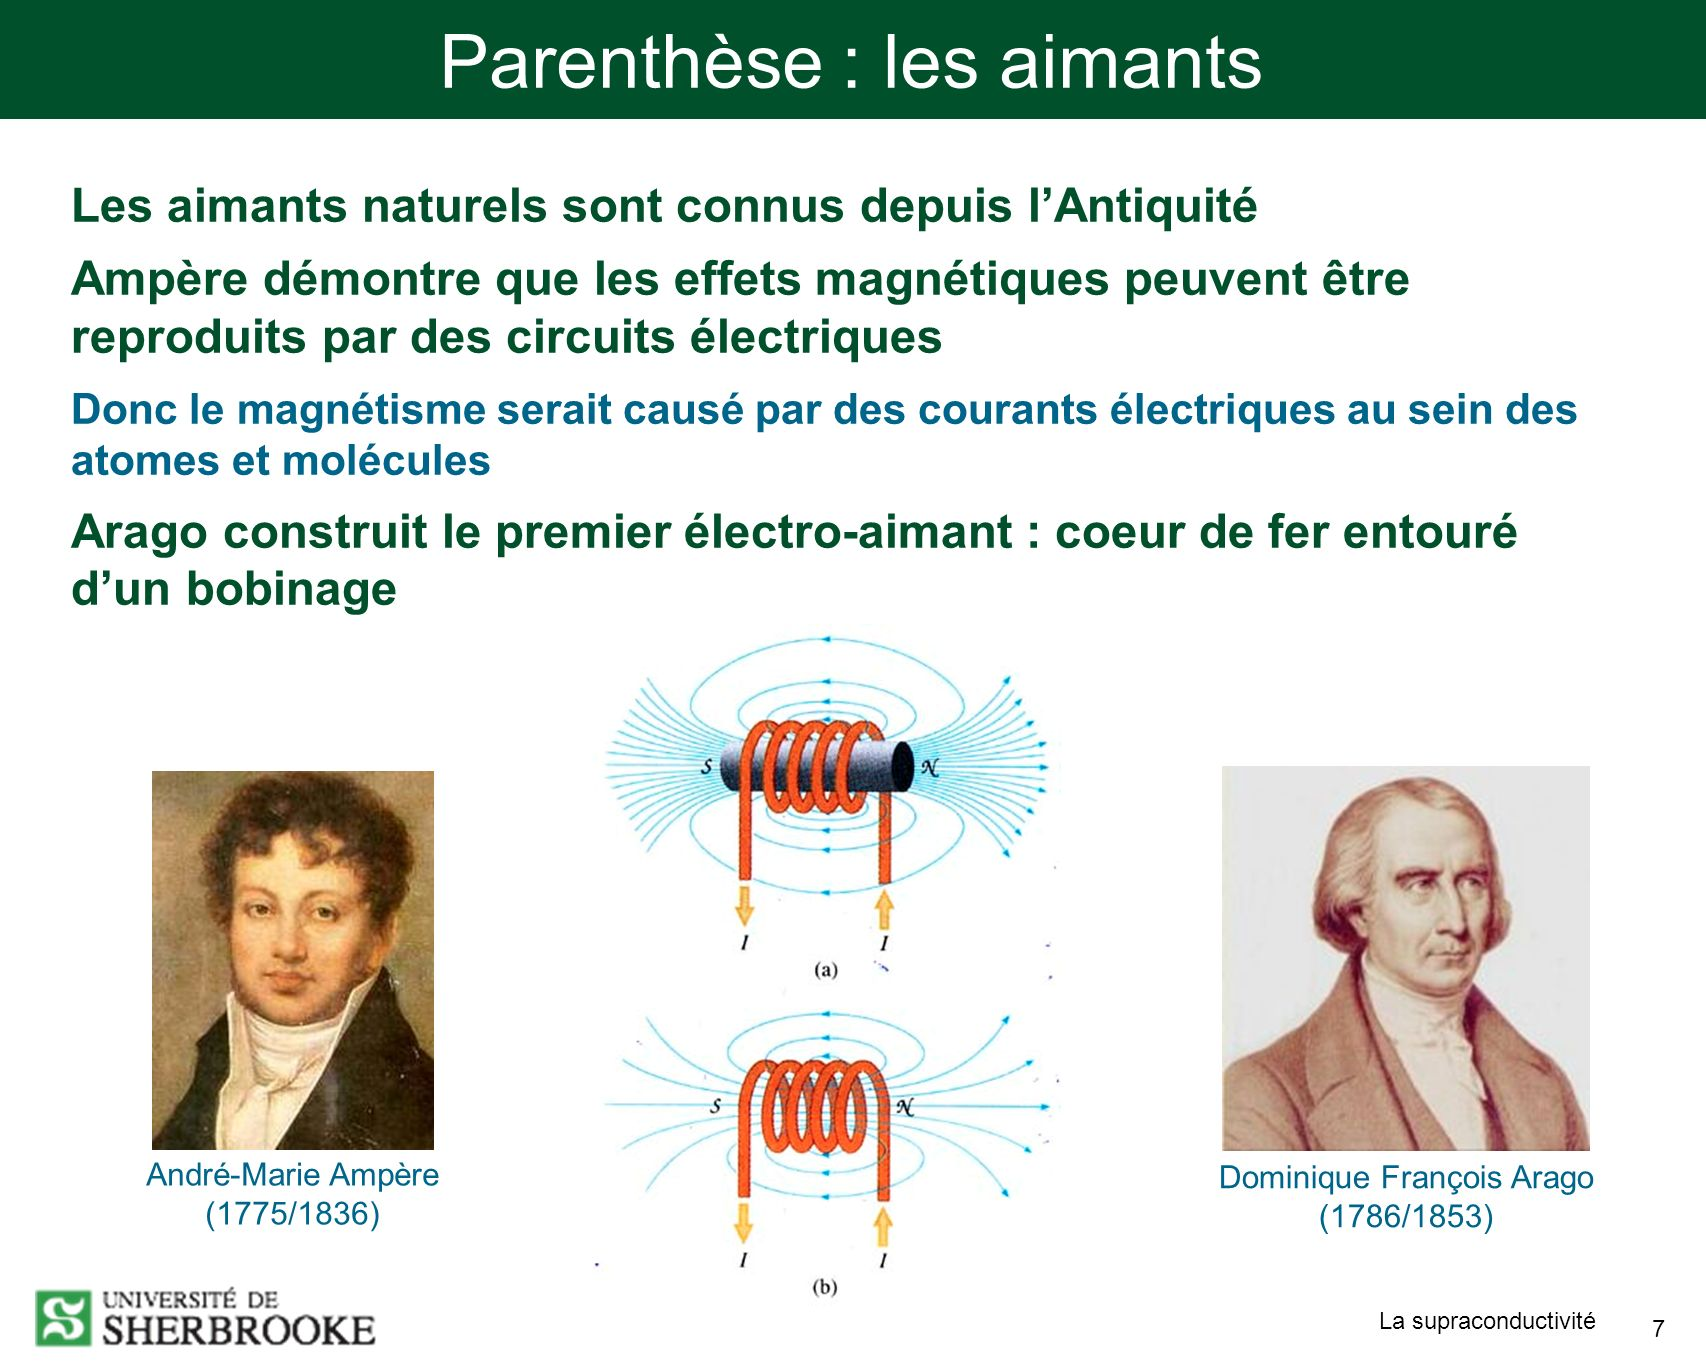 La supraconductivité 7 Parenthèse : les aimants Les aimants naturels sont connus depuis lAntiquité Ampère démontre que les effets magnétiques peuvent être reproduits par des circuits électriques Donc le magnétisme serait causé par des courants électriques au sein des atomes et molécules Arago construit le premier électro-aimant : coeur de fer entouré dun bobinage Dominique François Arago (1786/1853) André-Marie Ampère (1775/1836)